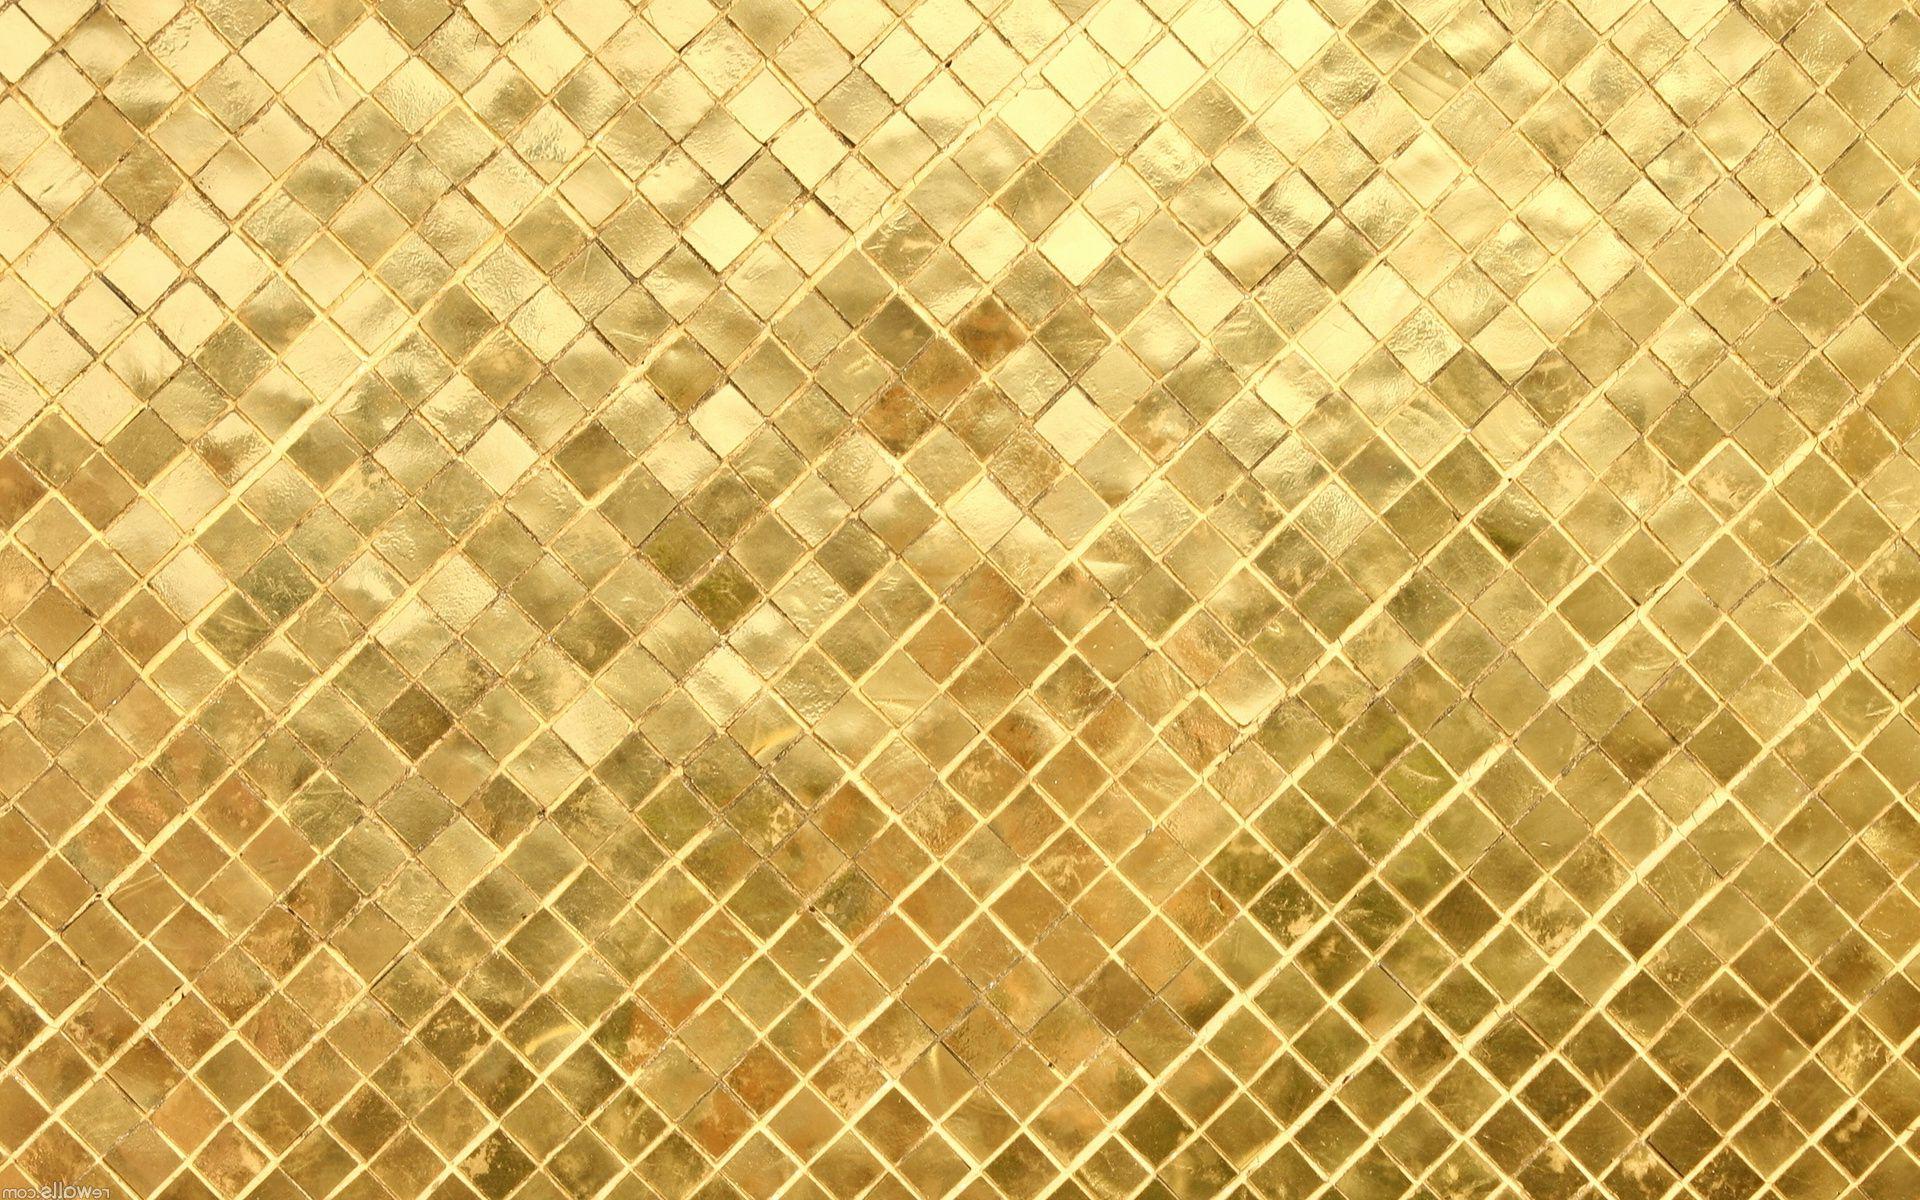 Gold Texture HD Wallpaper